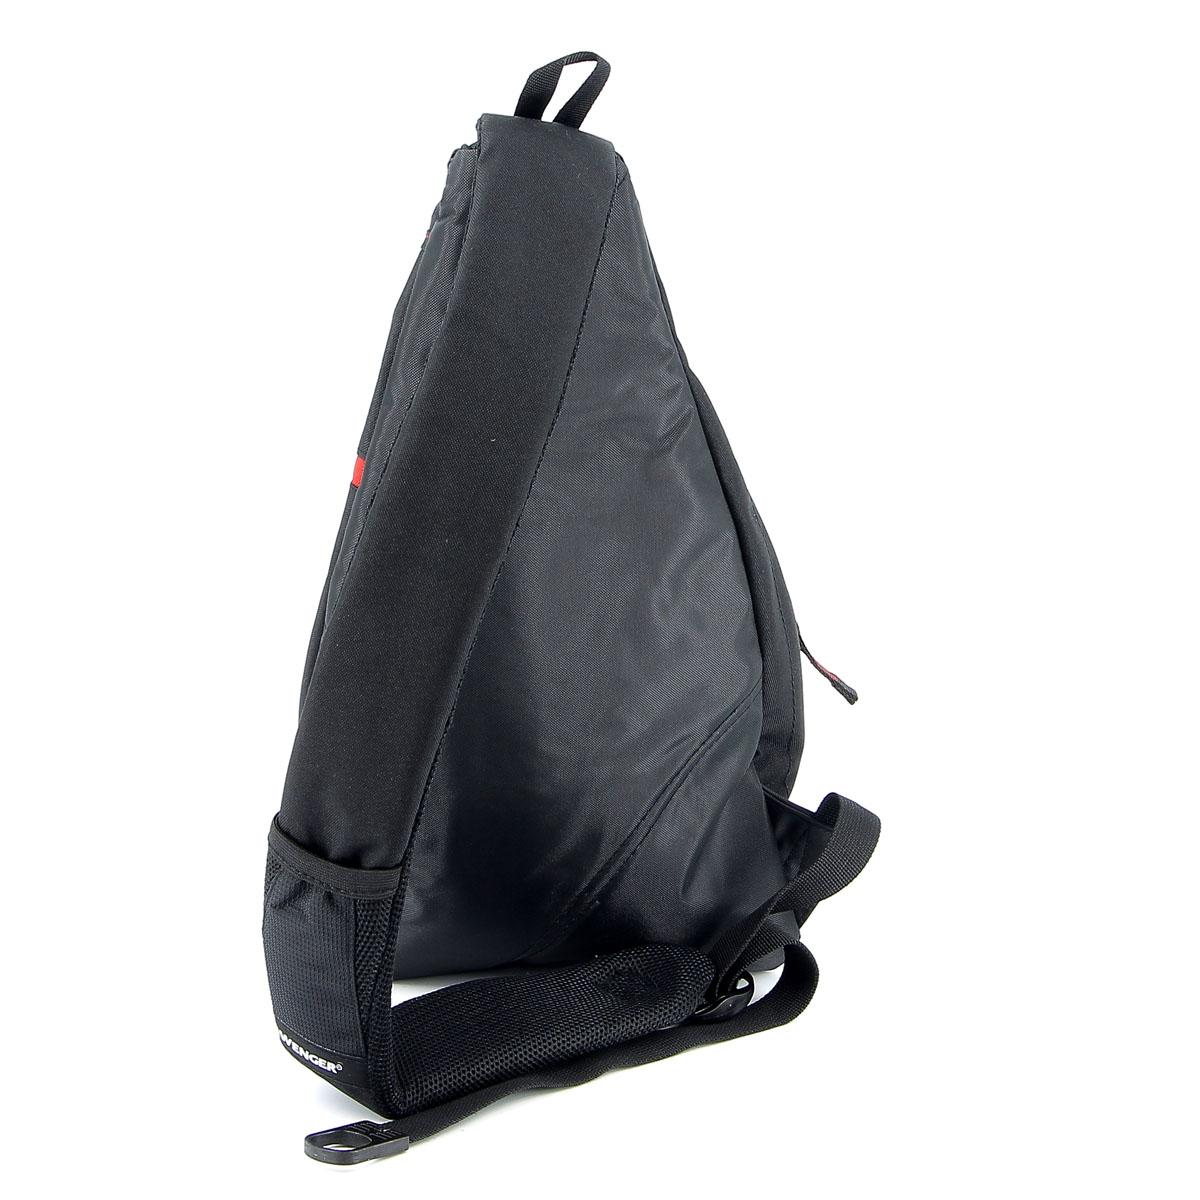 Рюкзак Wenger, с одним плечевым ремнем, цвет: черный, красный, 25 см x 15 см x 45 см, 17 л